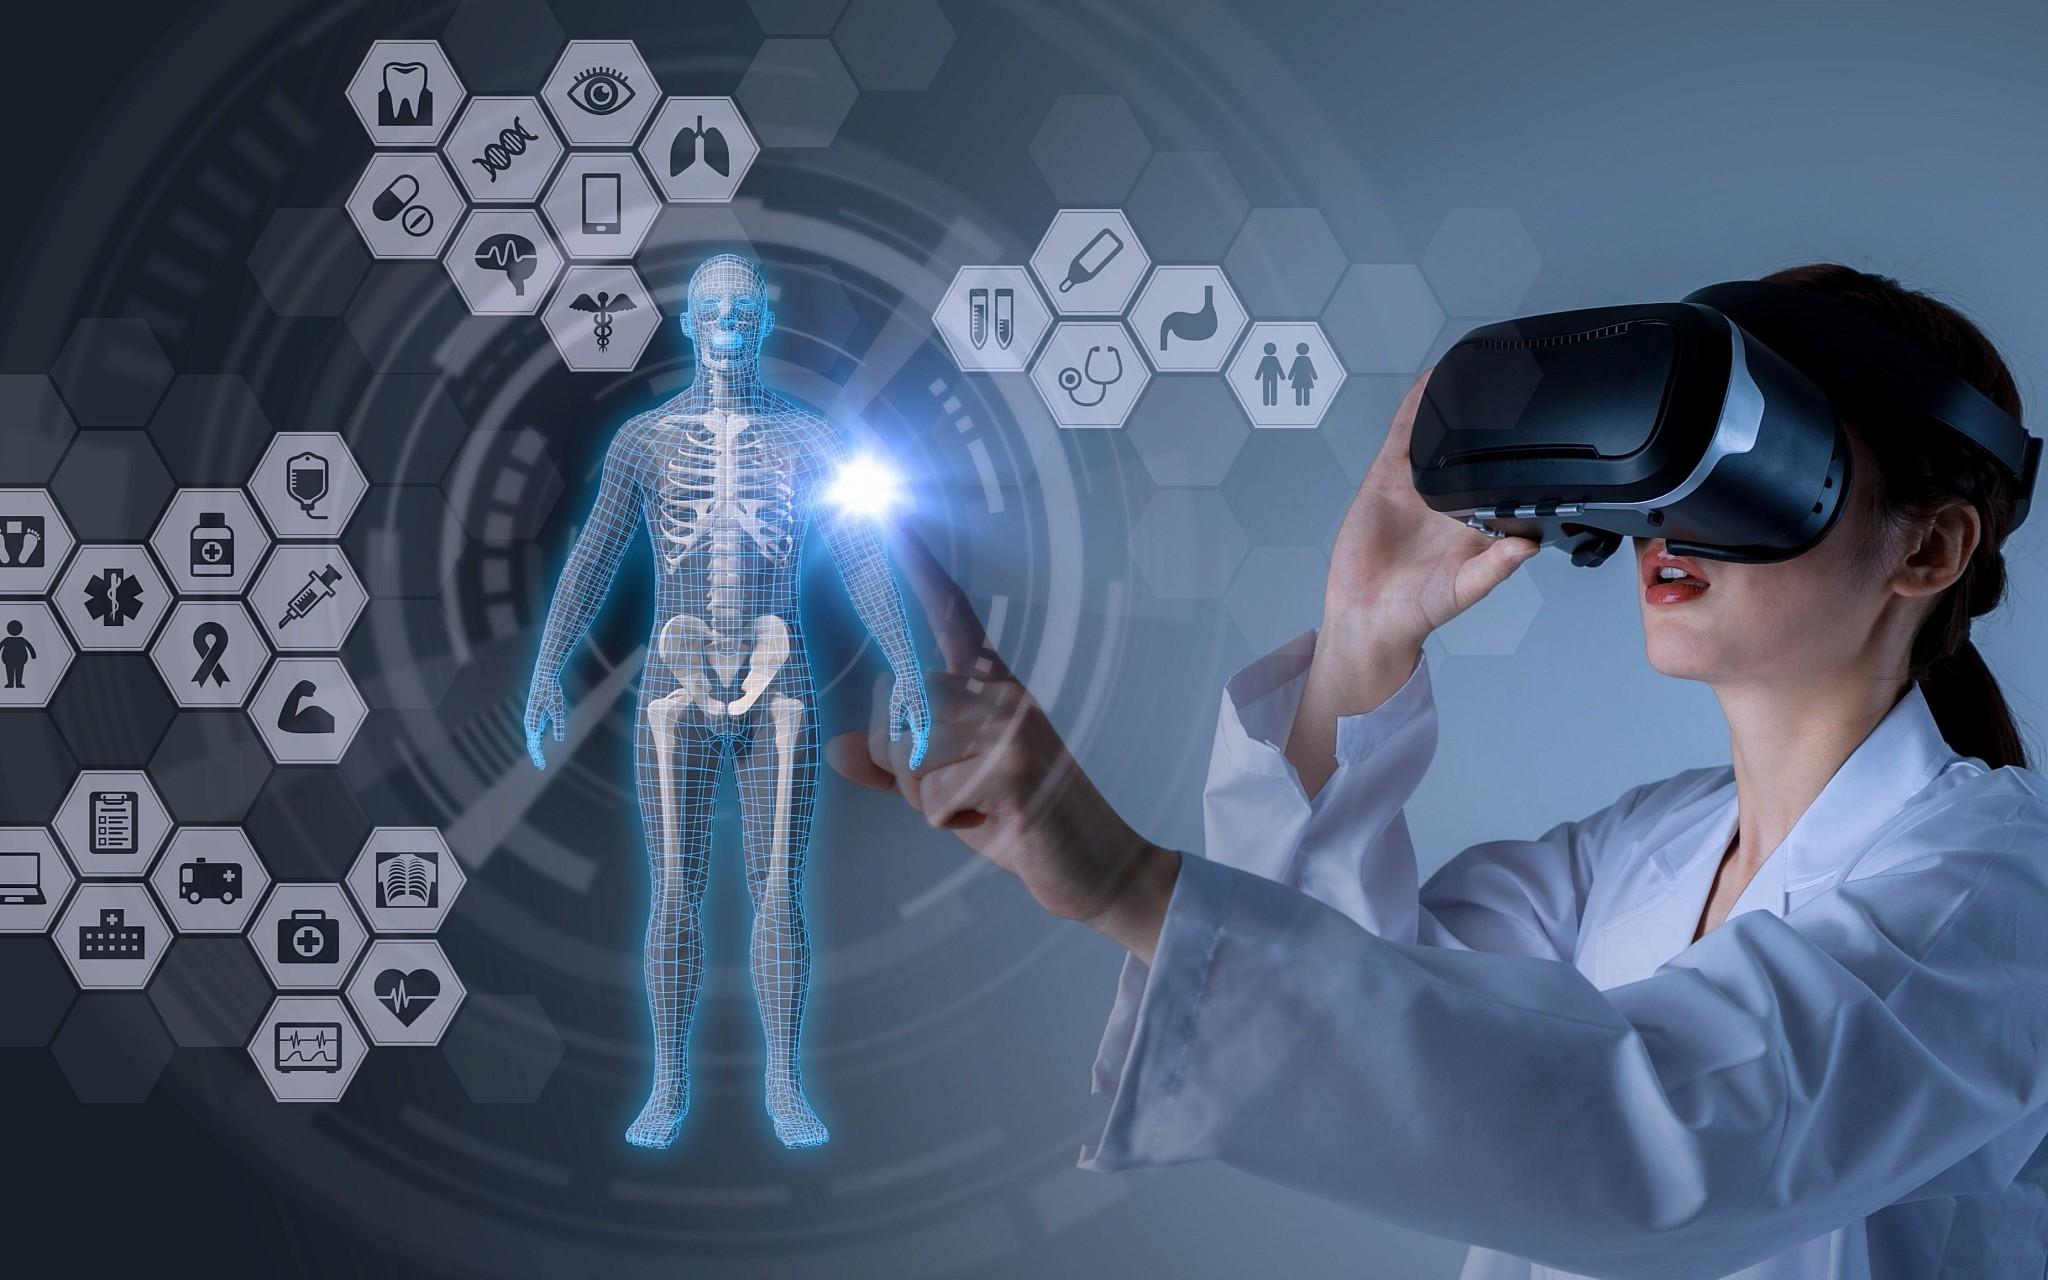 Τεχνολογία καινοτομία υγεία: Πώς διαμορφώνεται για τις επιχειρήσεις η μετά-covid ατζέντα